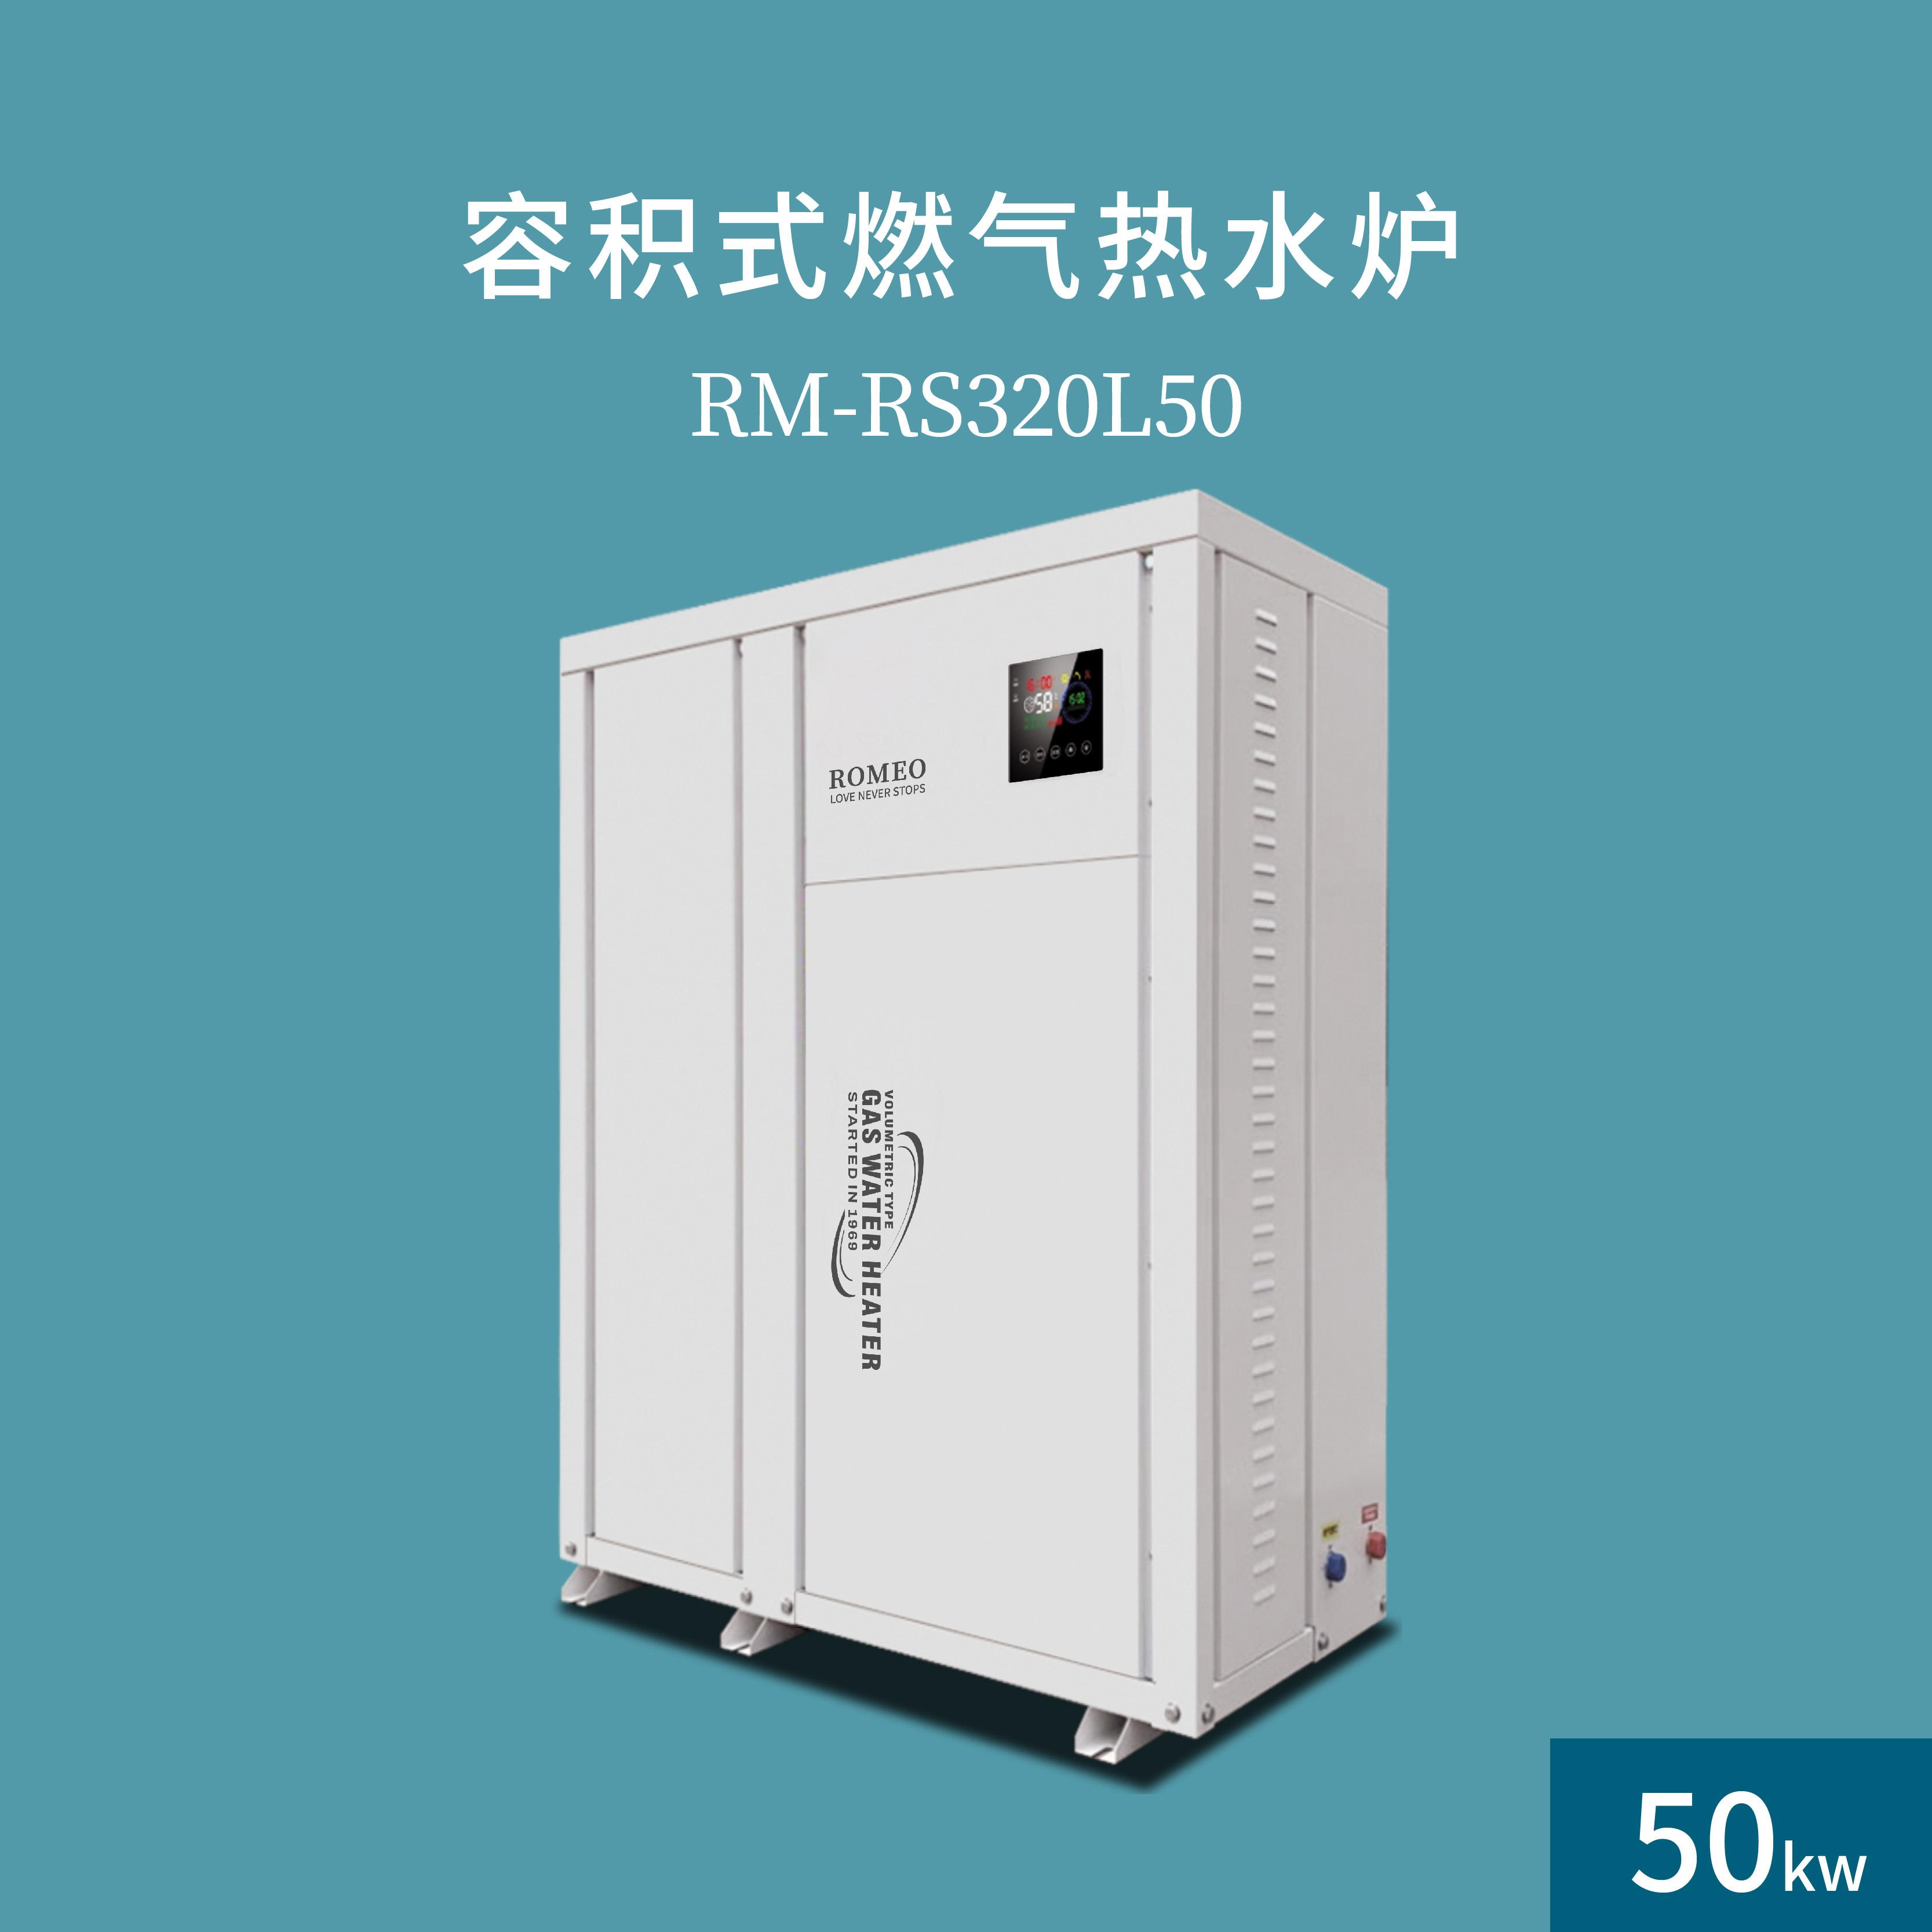 罗密欧容积式燃气中央热水设备RM-RSTQ150L-B50